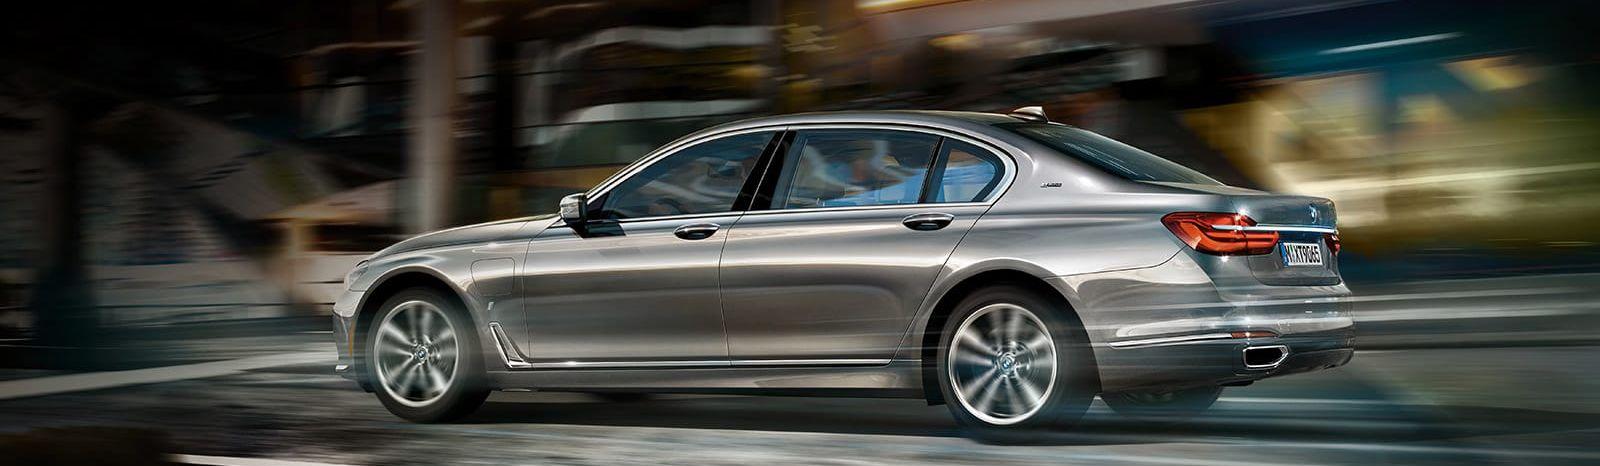 2019 BMW 7 Series Financing near Olympia Fields, IL